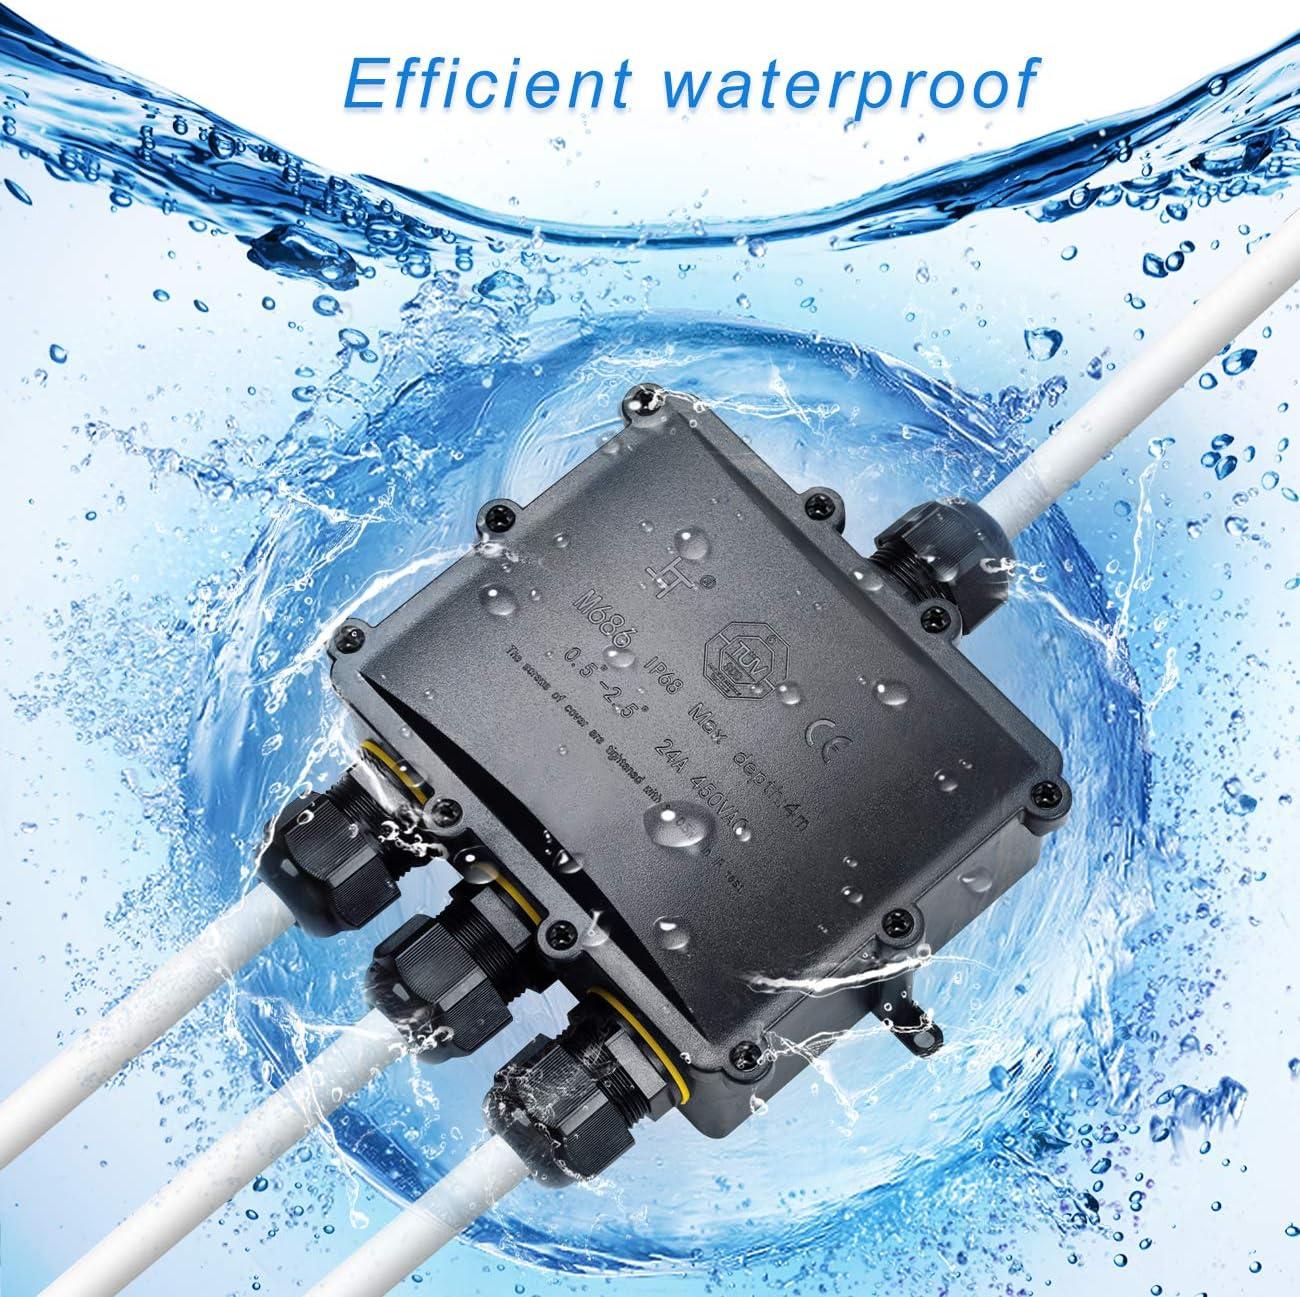 IP68 cavi scatola di serraggio diametro cavo 4 mm connettore cavo esterno,scatola cavi di terra 14 mm Scatola di giunzione professionale impermeabile HAUSPROFI 4 vie